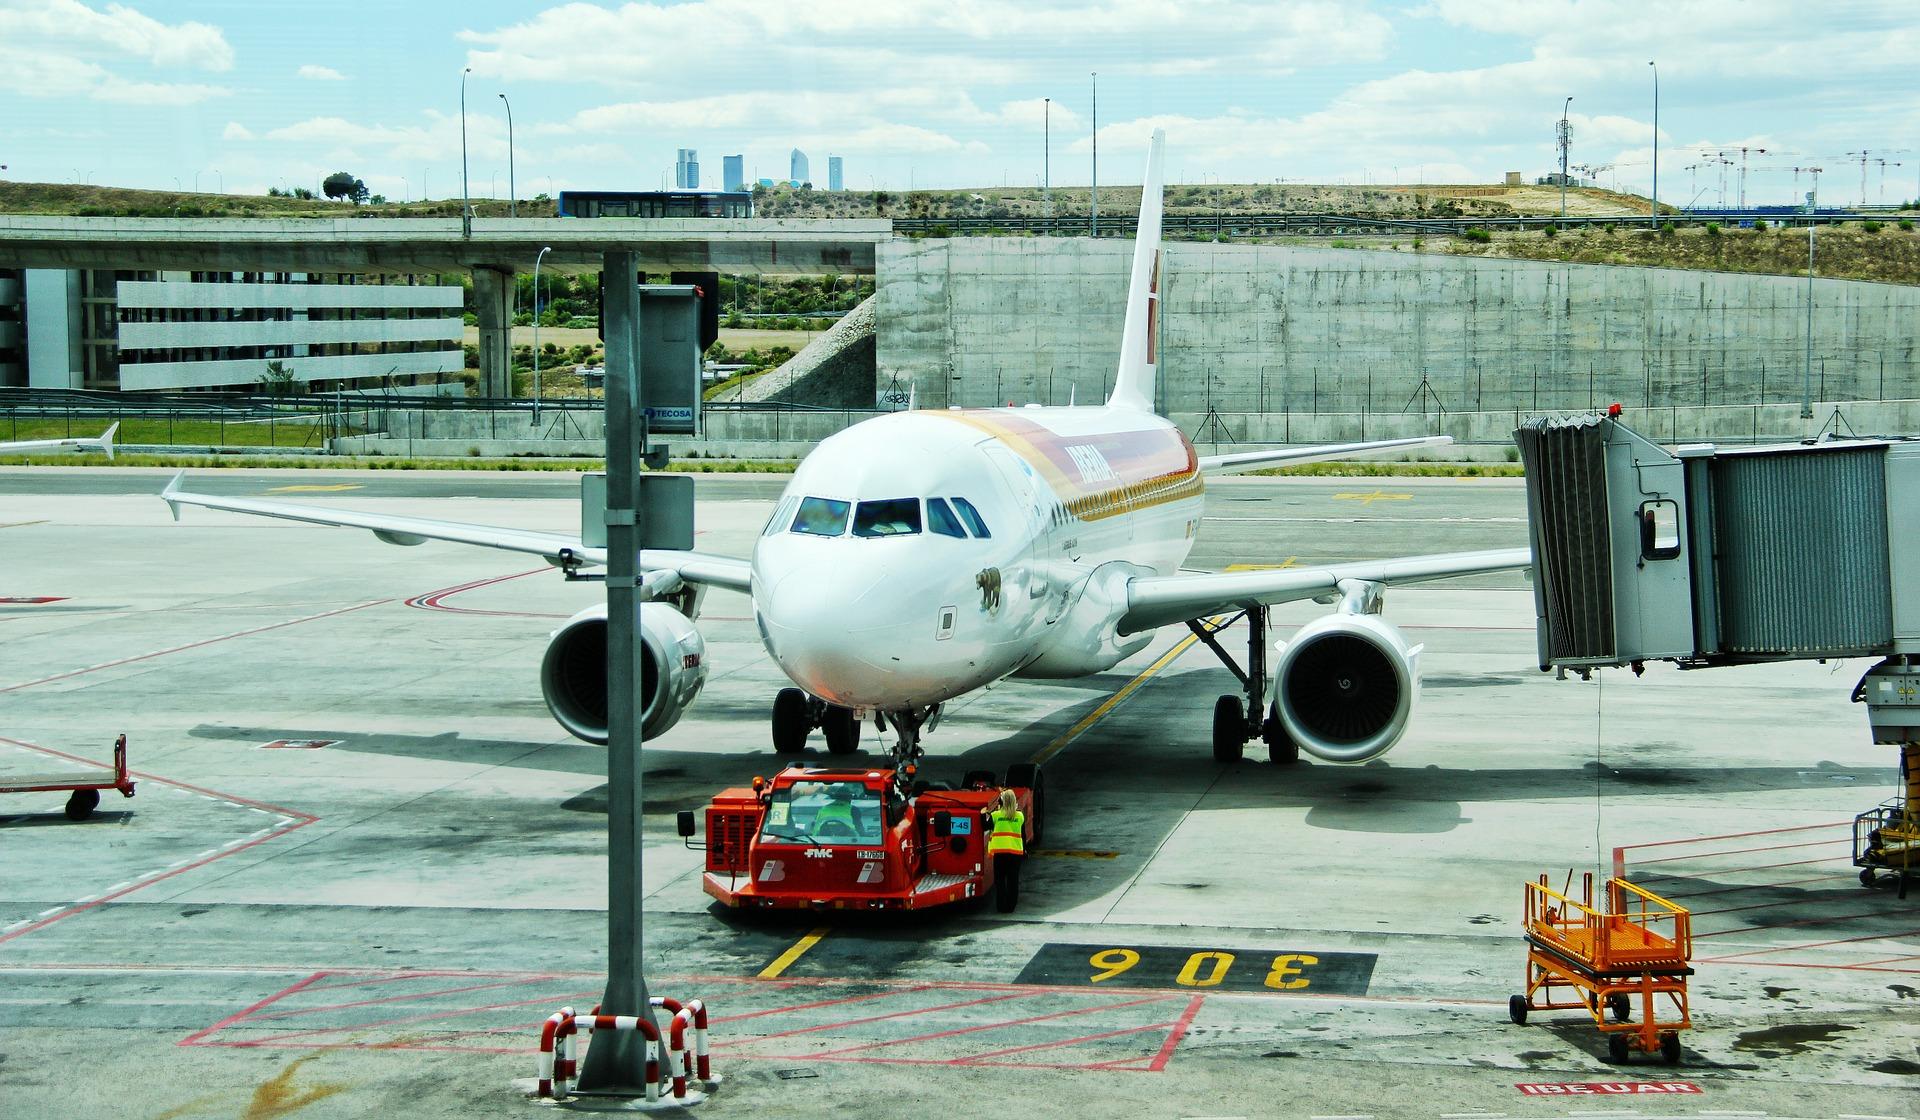 Одеський аеропорт отримає 500 млн грн на реконструкцію